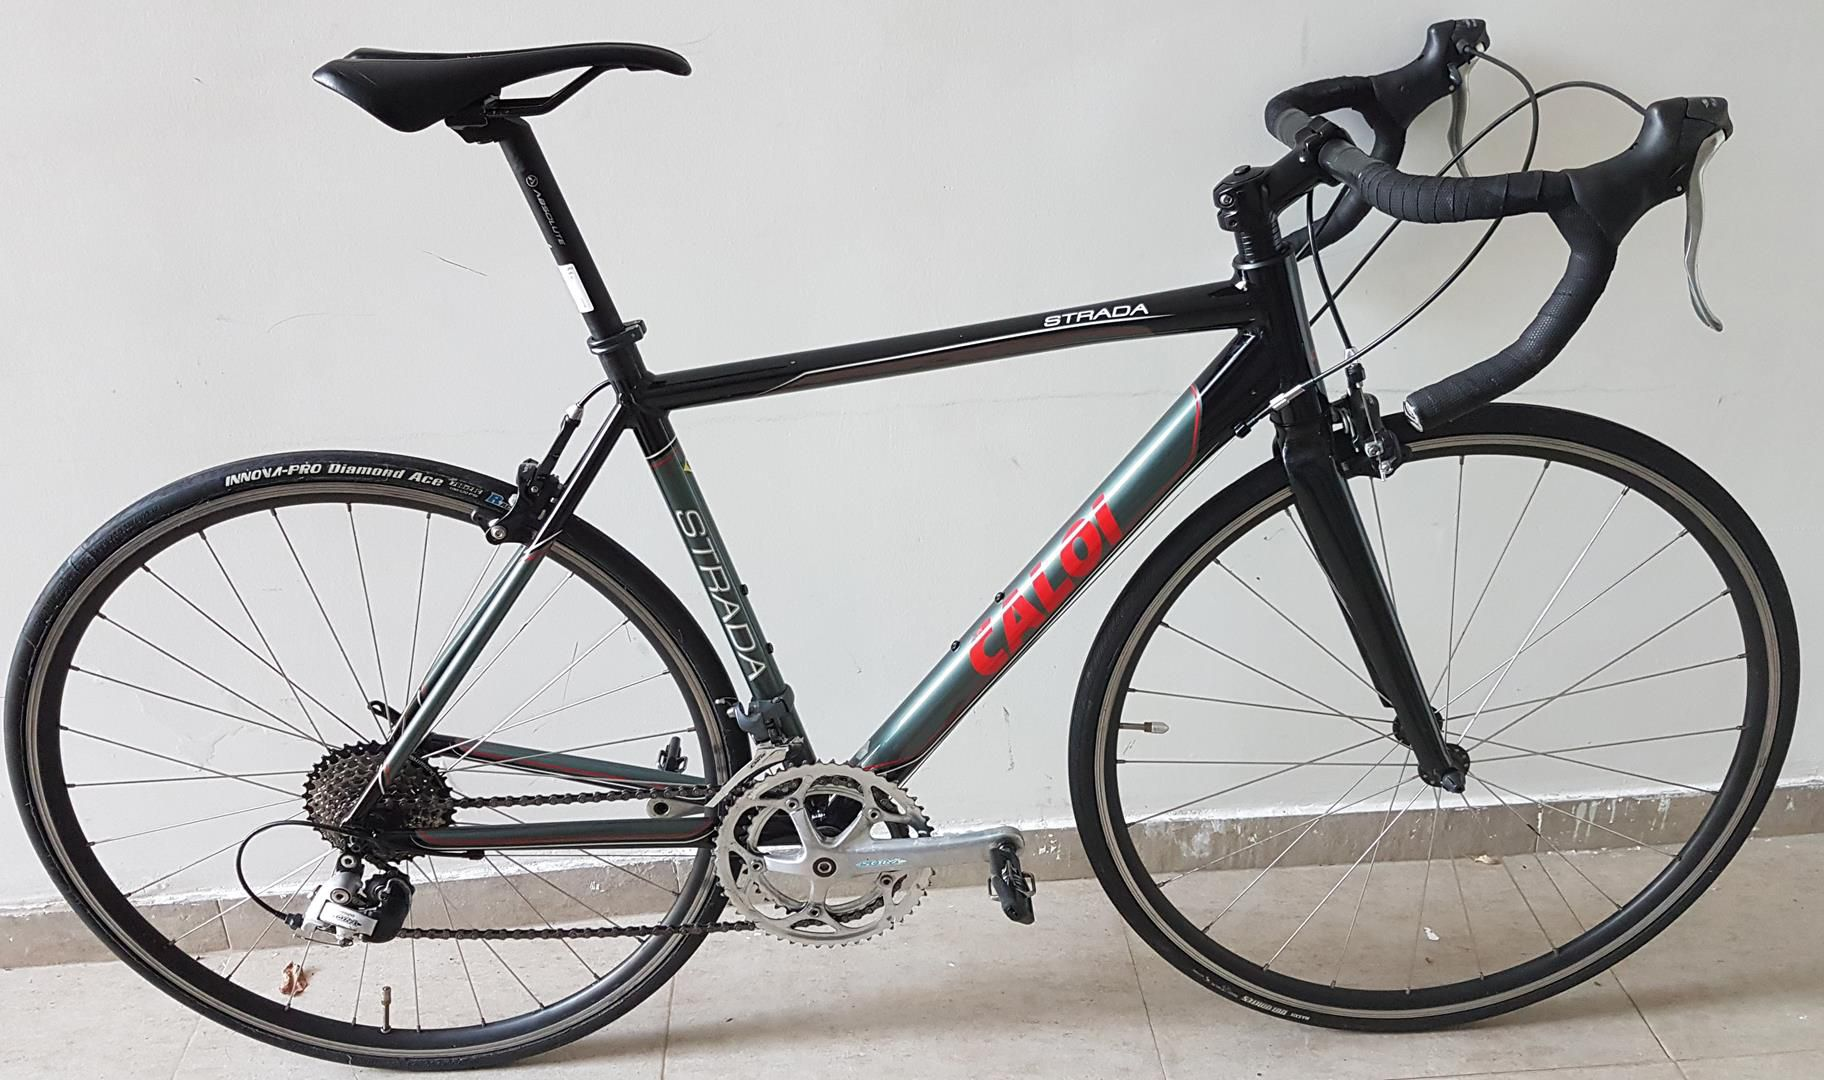 Bicicleta Speed 700 Caloi Strada Tamanho M Com Grupo Shimano Sora 8 velocidades  - USADO